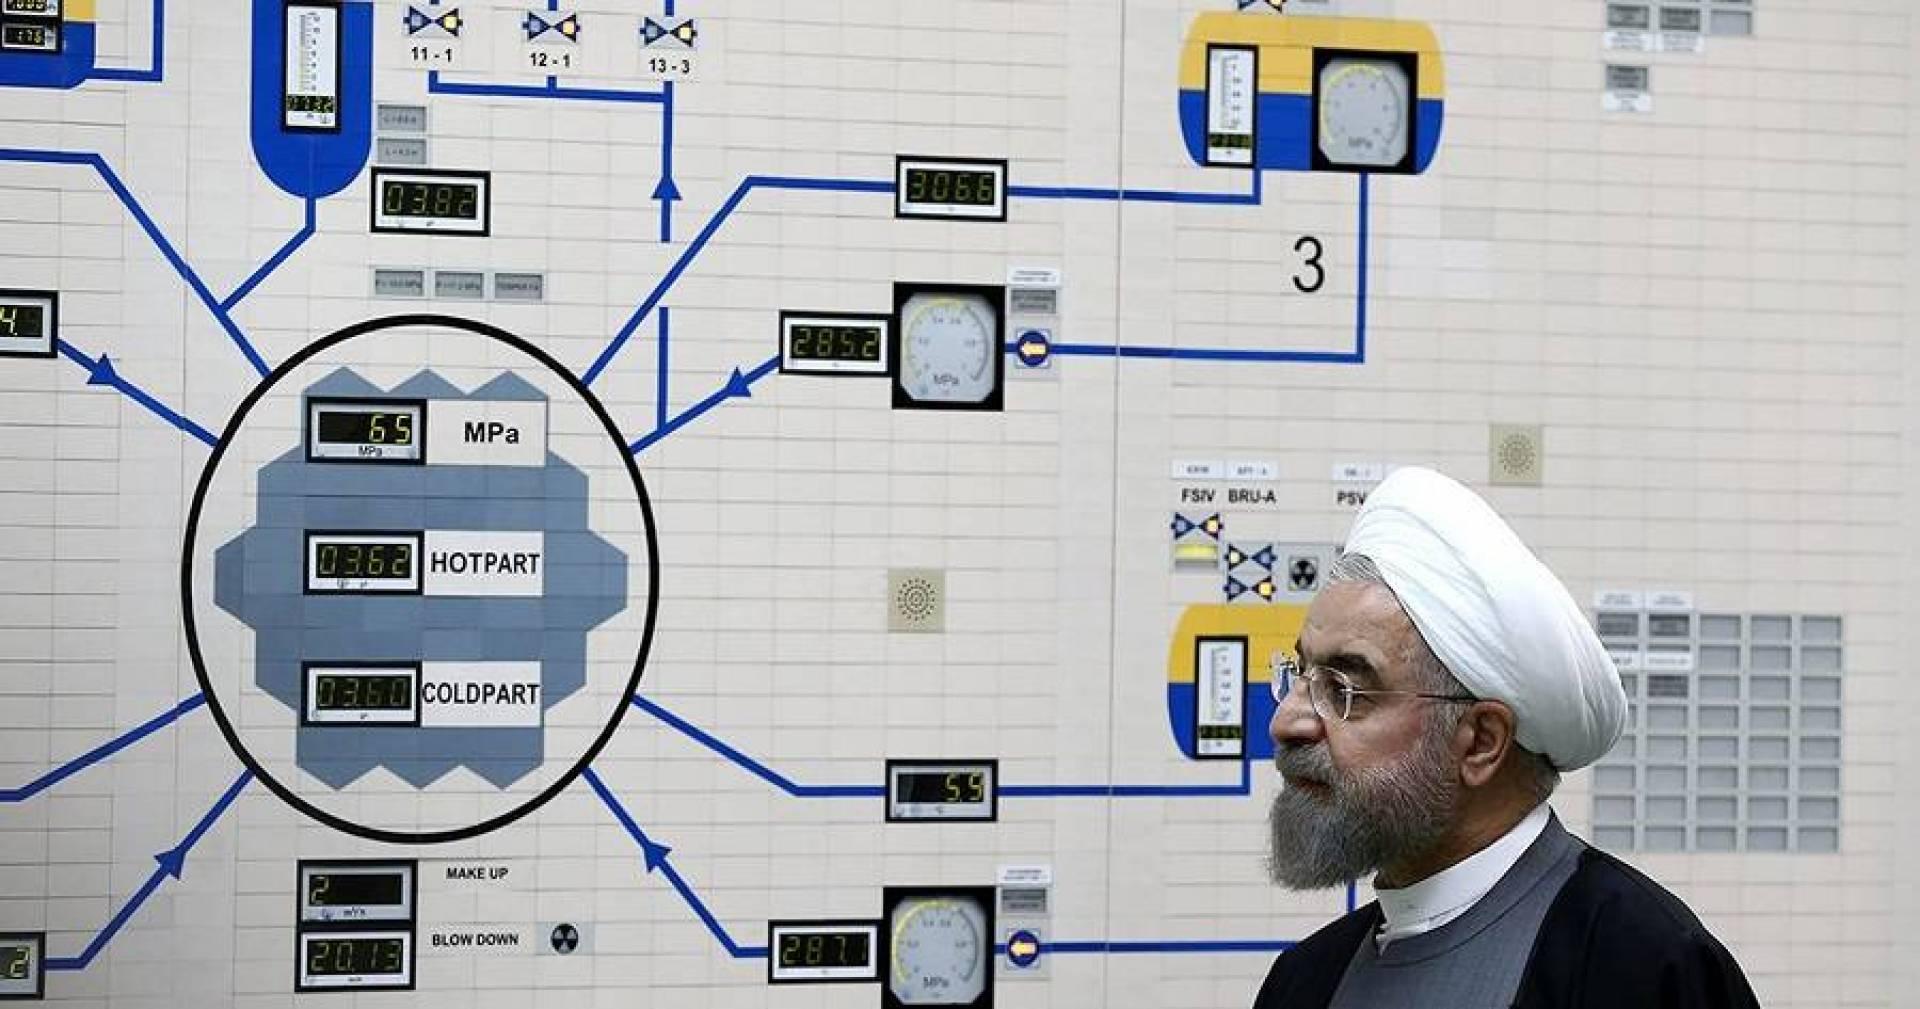 السعودية ترحب بقرار واشنطن إعادة منشأة فوردو الإيرانية إلى قائمة العقوبات